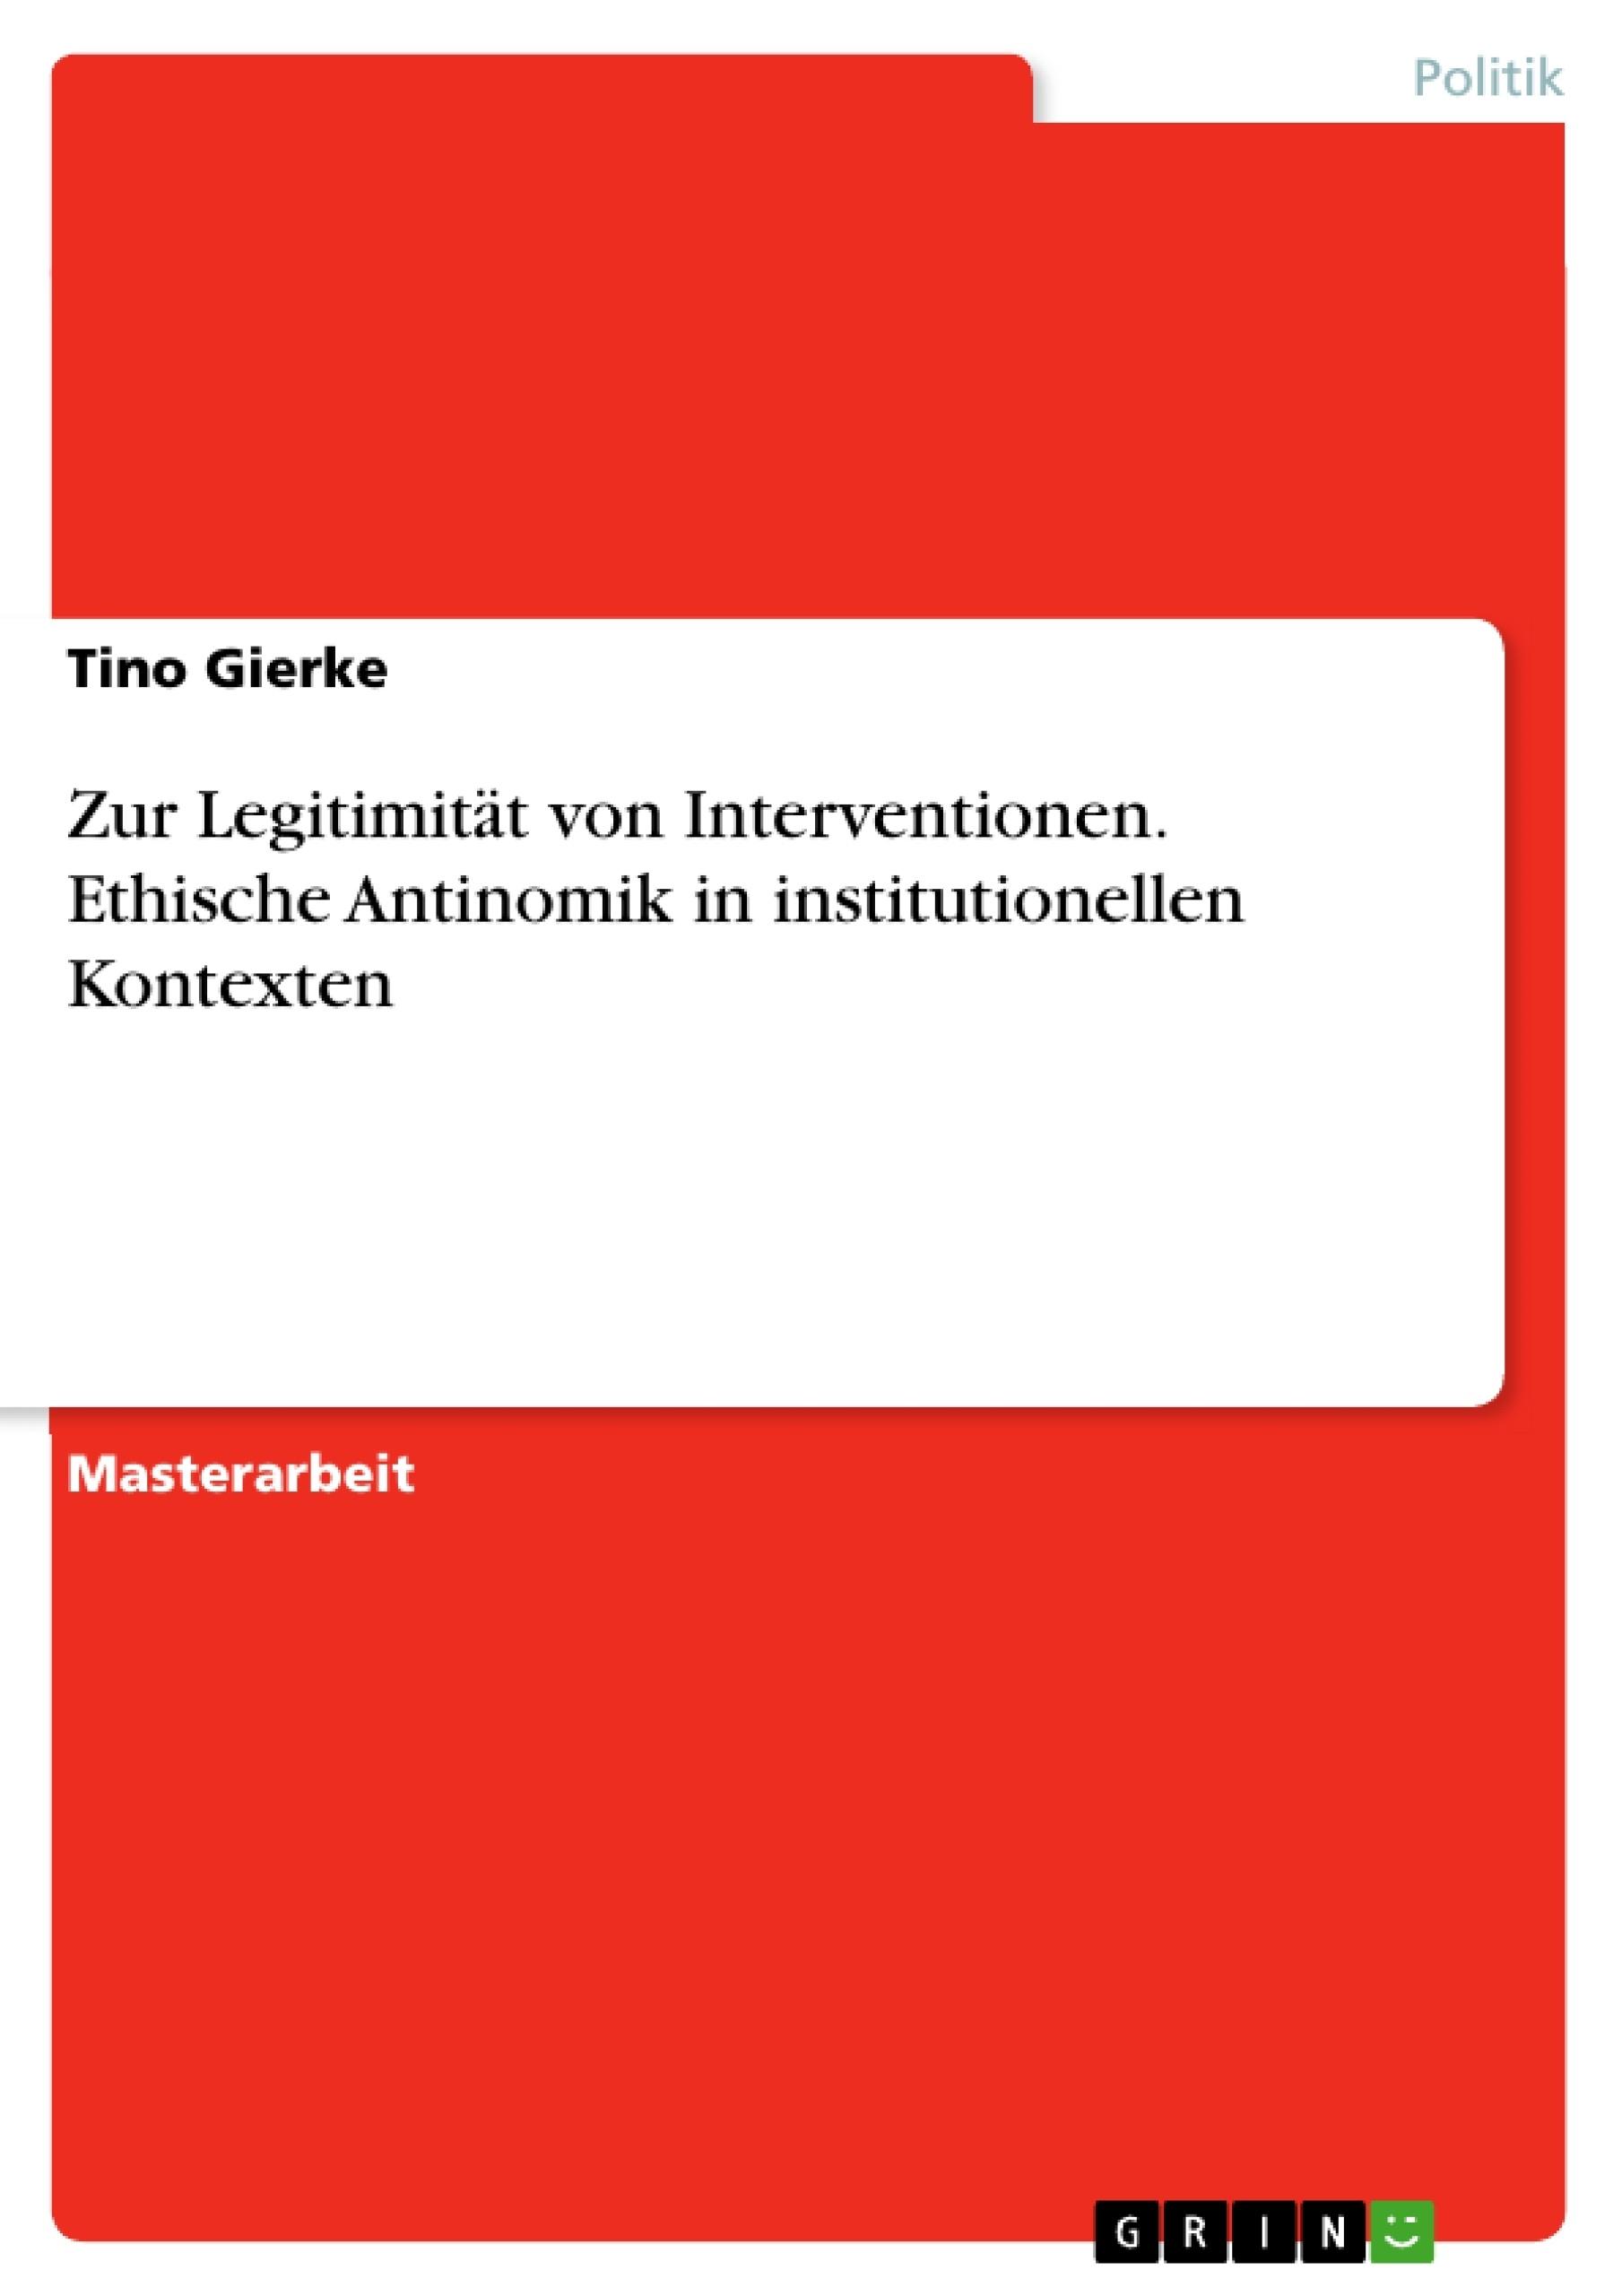 Titel: Zur Legitimität von Interventionen. Ethische Antinomik in institutionellen Kontexten